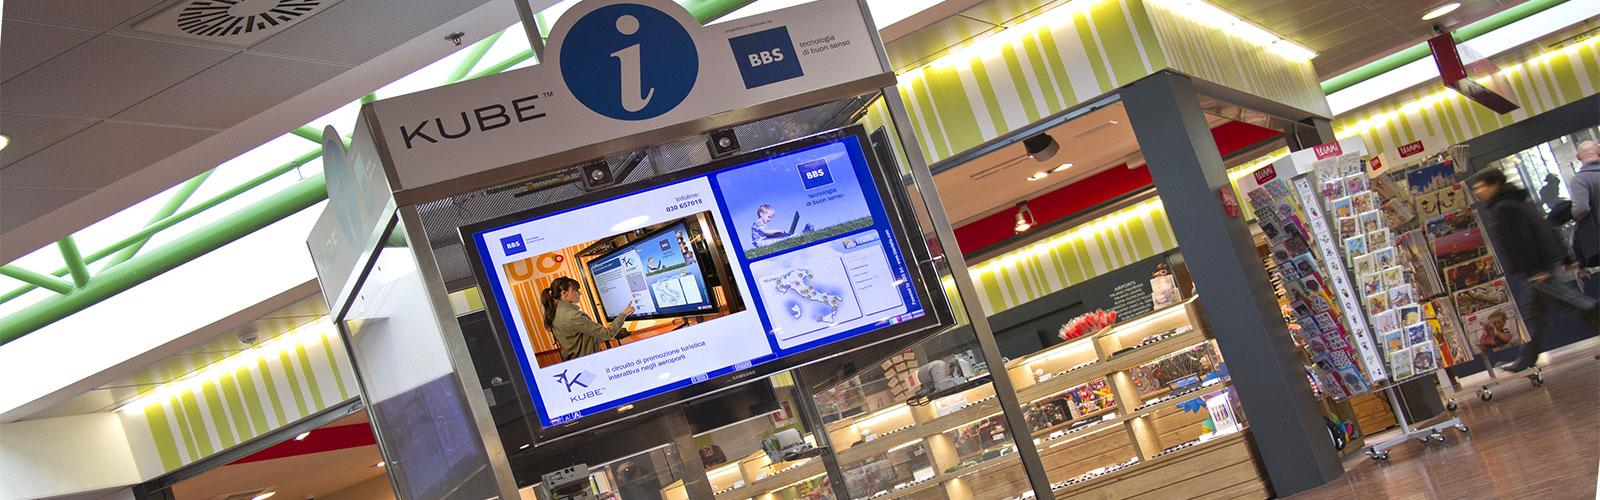 kube-valorizzazione-aeroporto